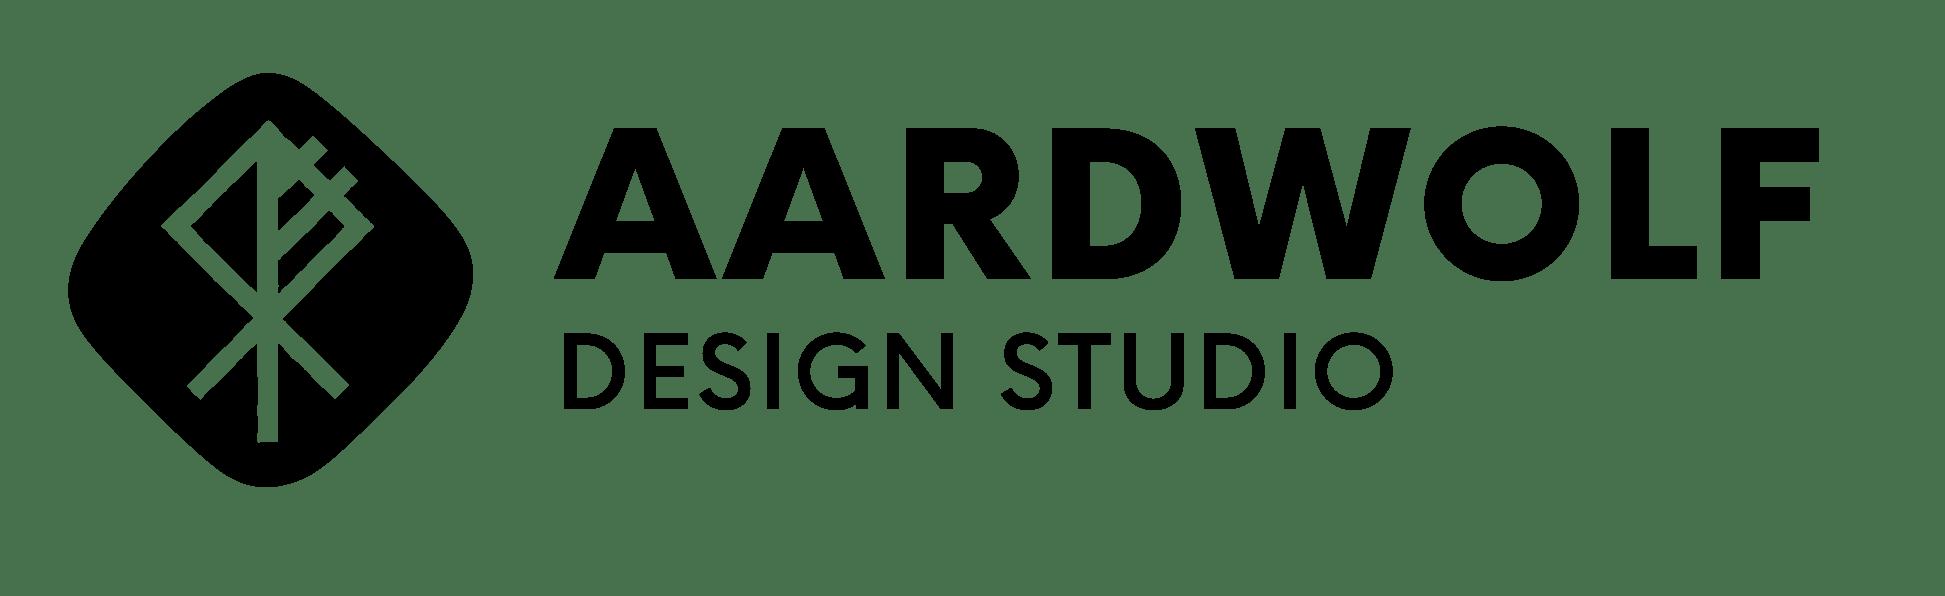 Aardwolf Design Graphics